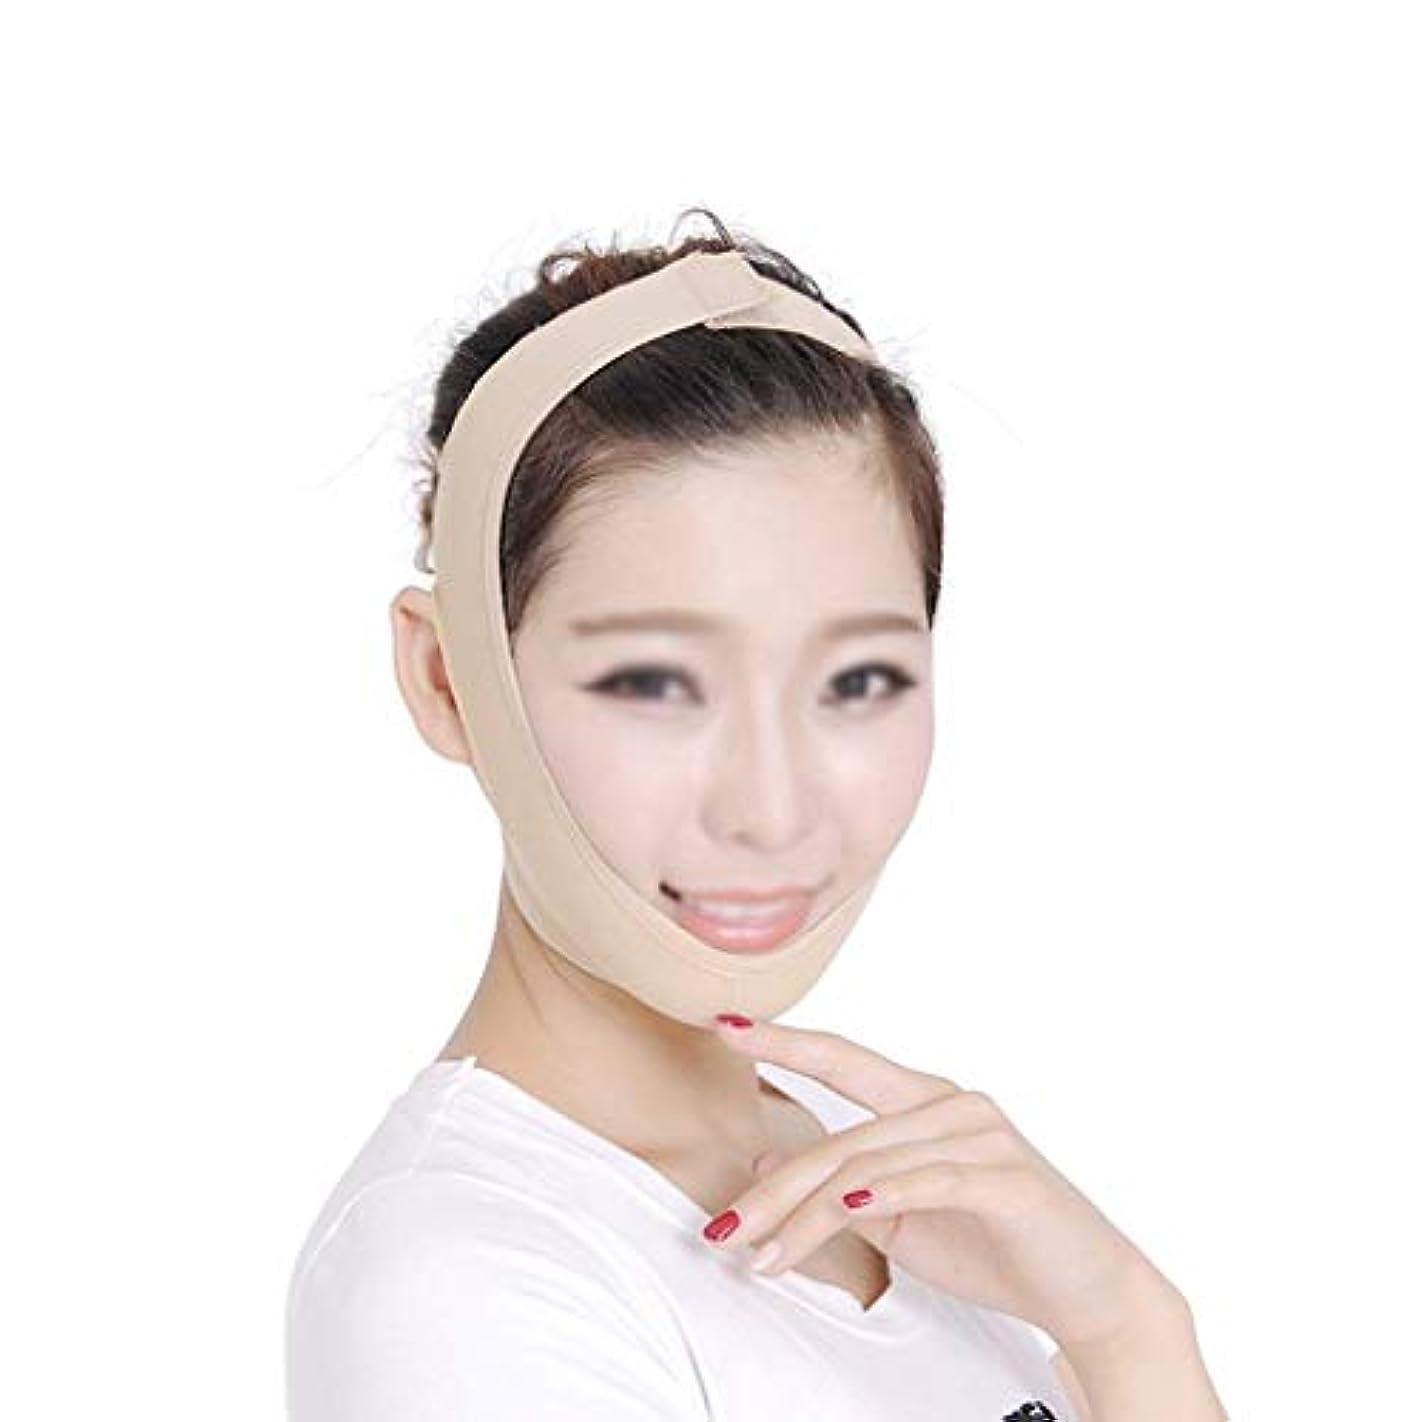 参加する屋内で会計フェイシャル減量マスクリフティングフェイス、フェイスマスク、減量包帯を除去するためのダブルチン、フェイシャルリフティング包帯、ダブルチンを減らすためのリフティングベルト(カラー:ブラック、サイズ:M),イエローピンク、XL